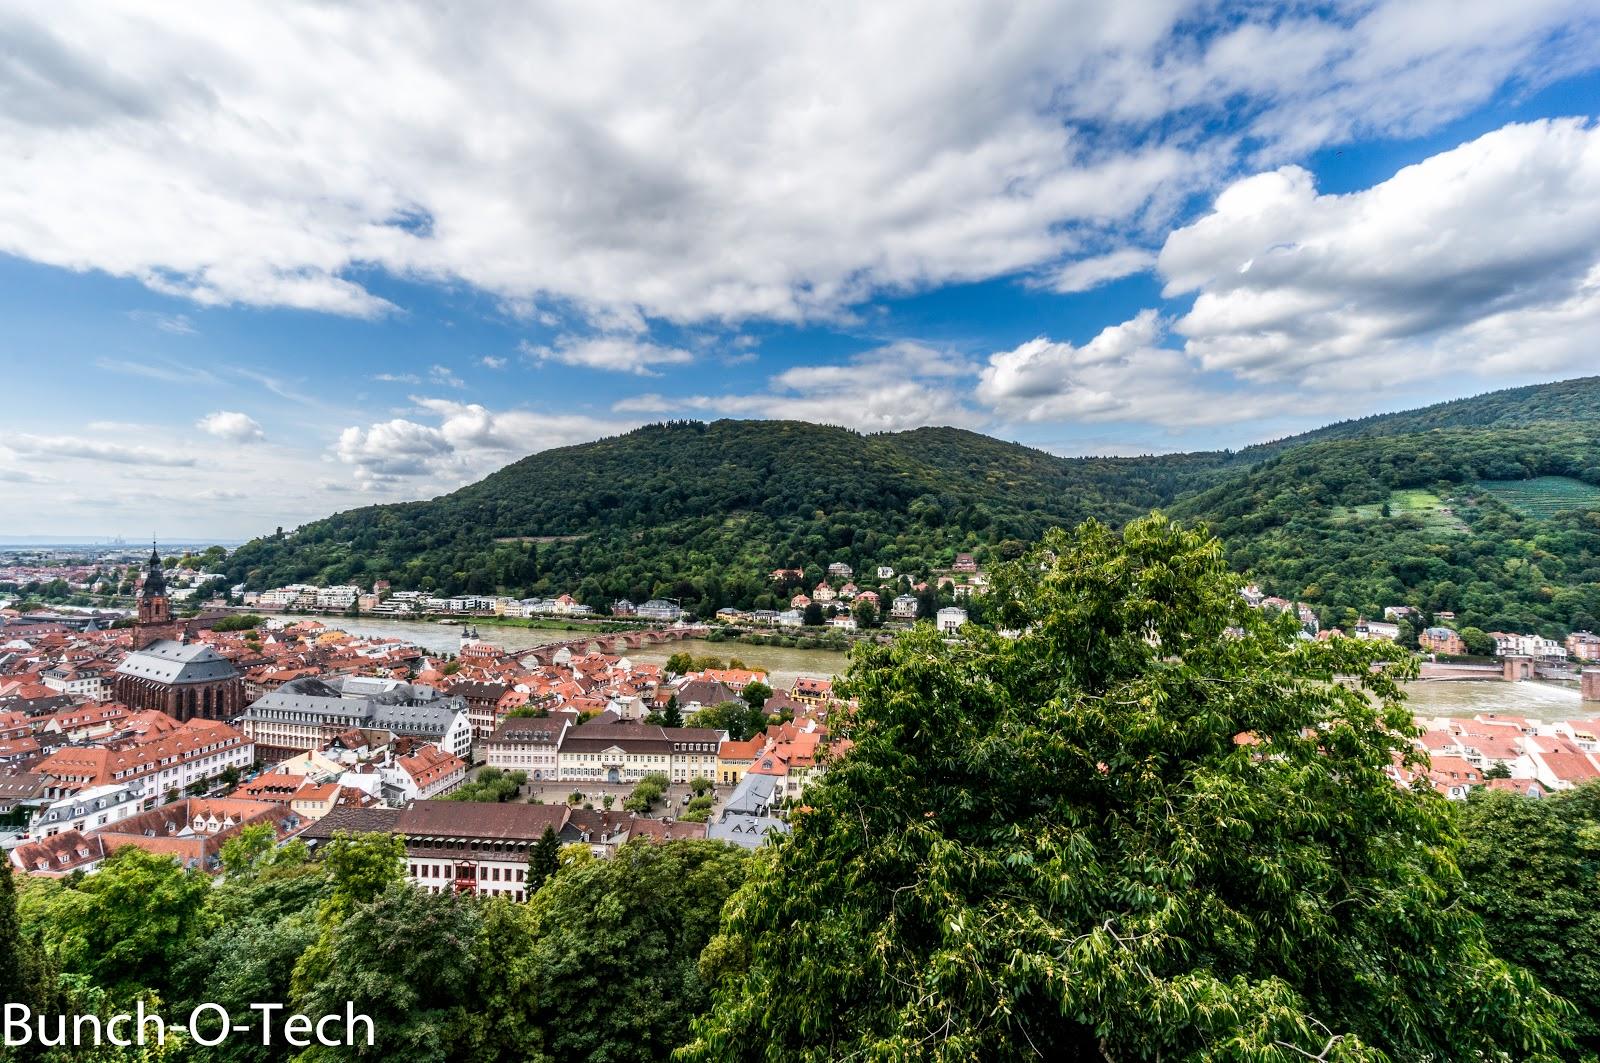 Heidelberg-49-August%2B30%2C%2B2014.jpg